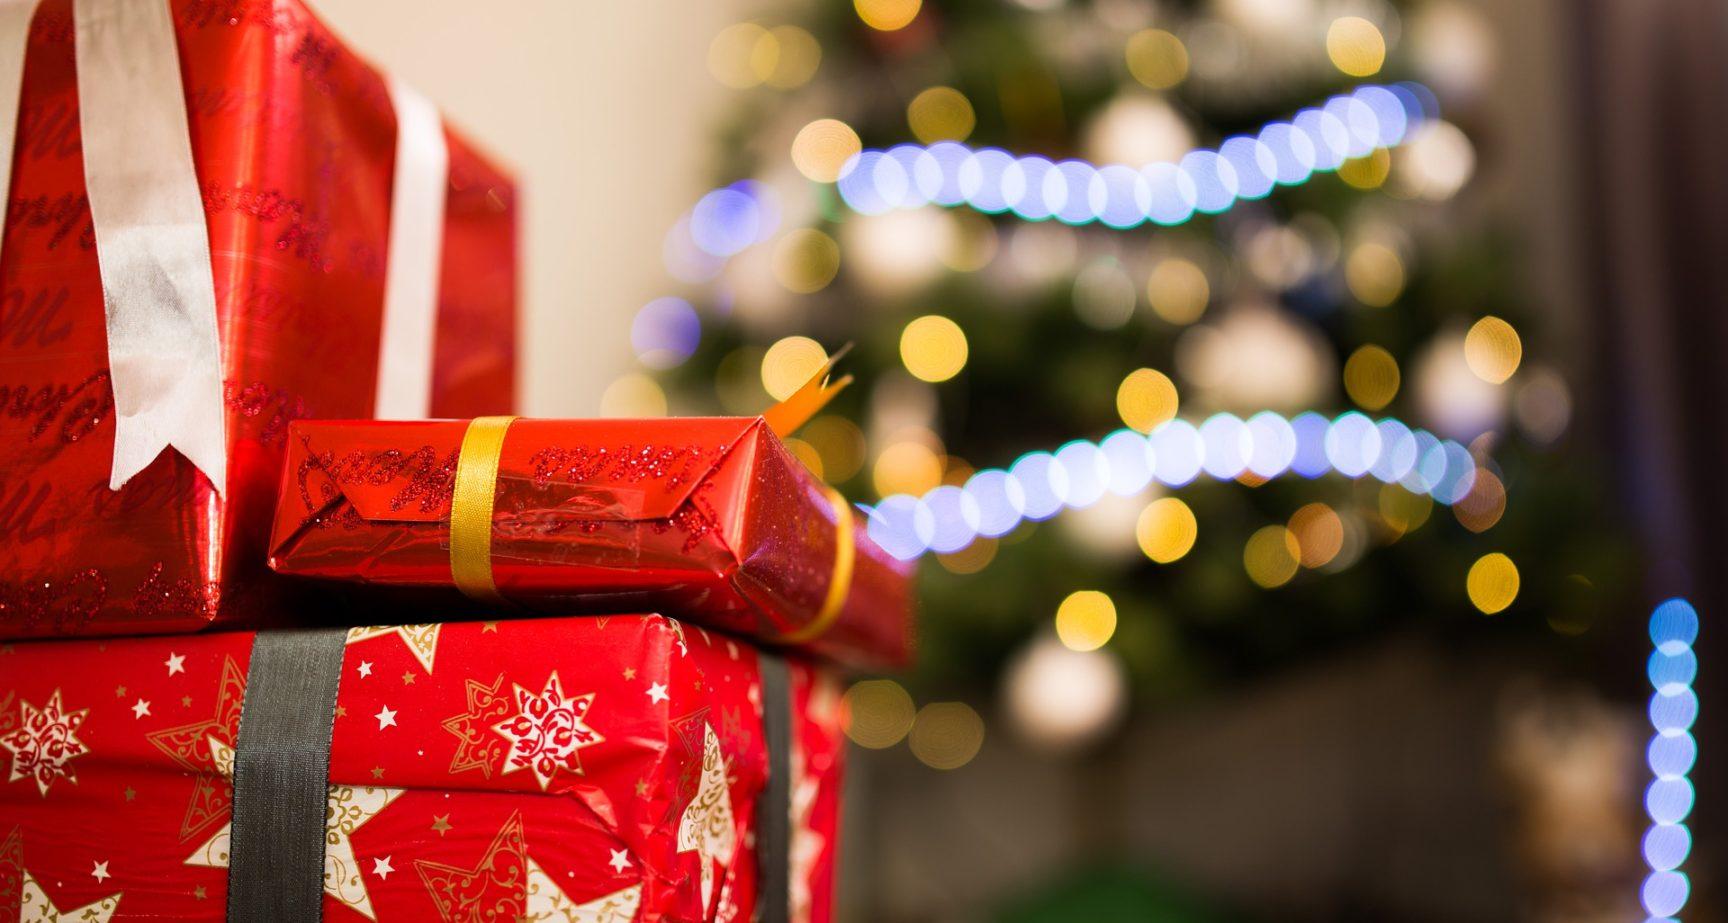 Julklapparna du ska köpa till dig själv som kille